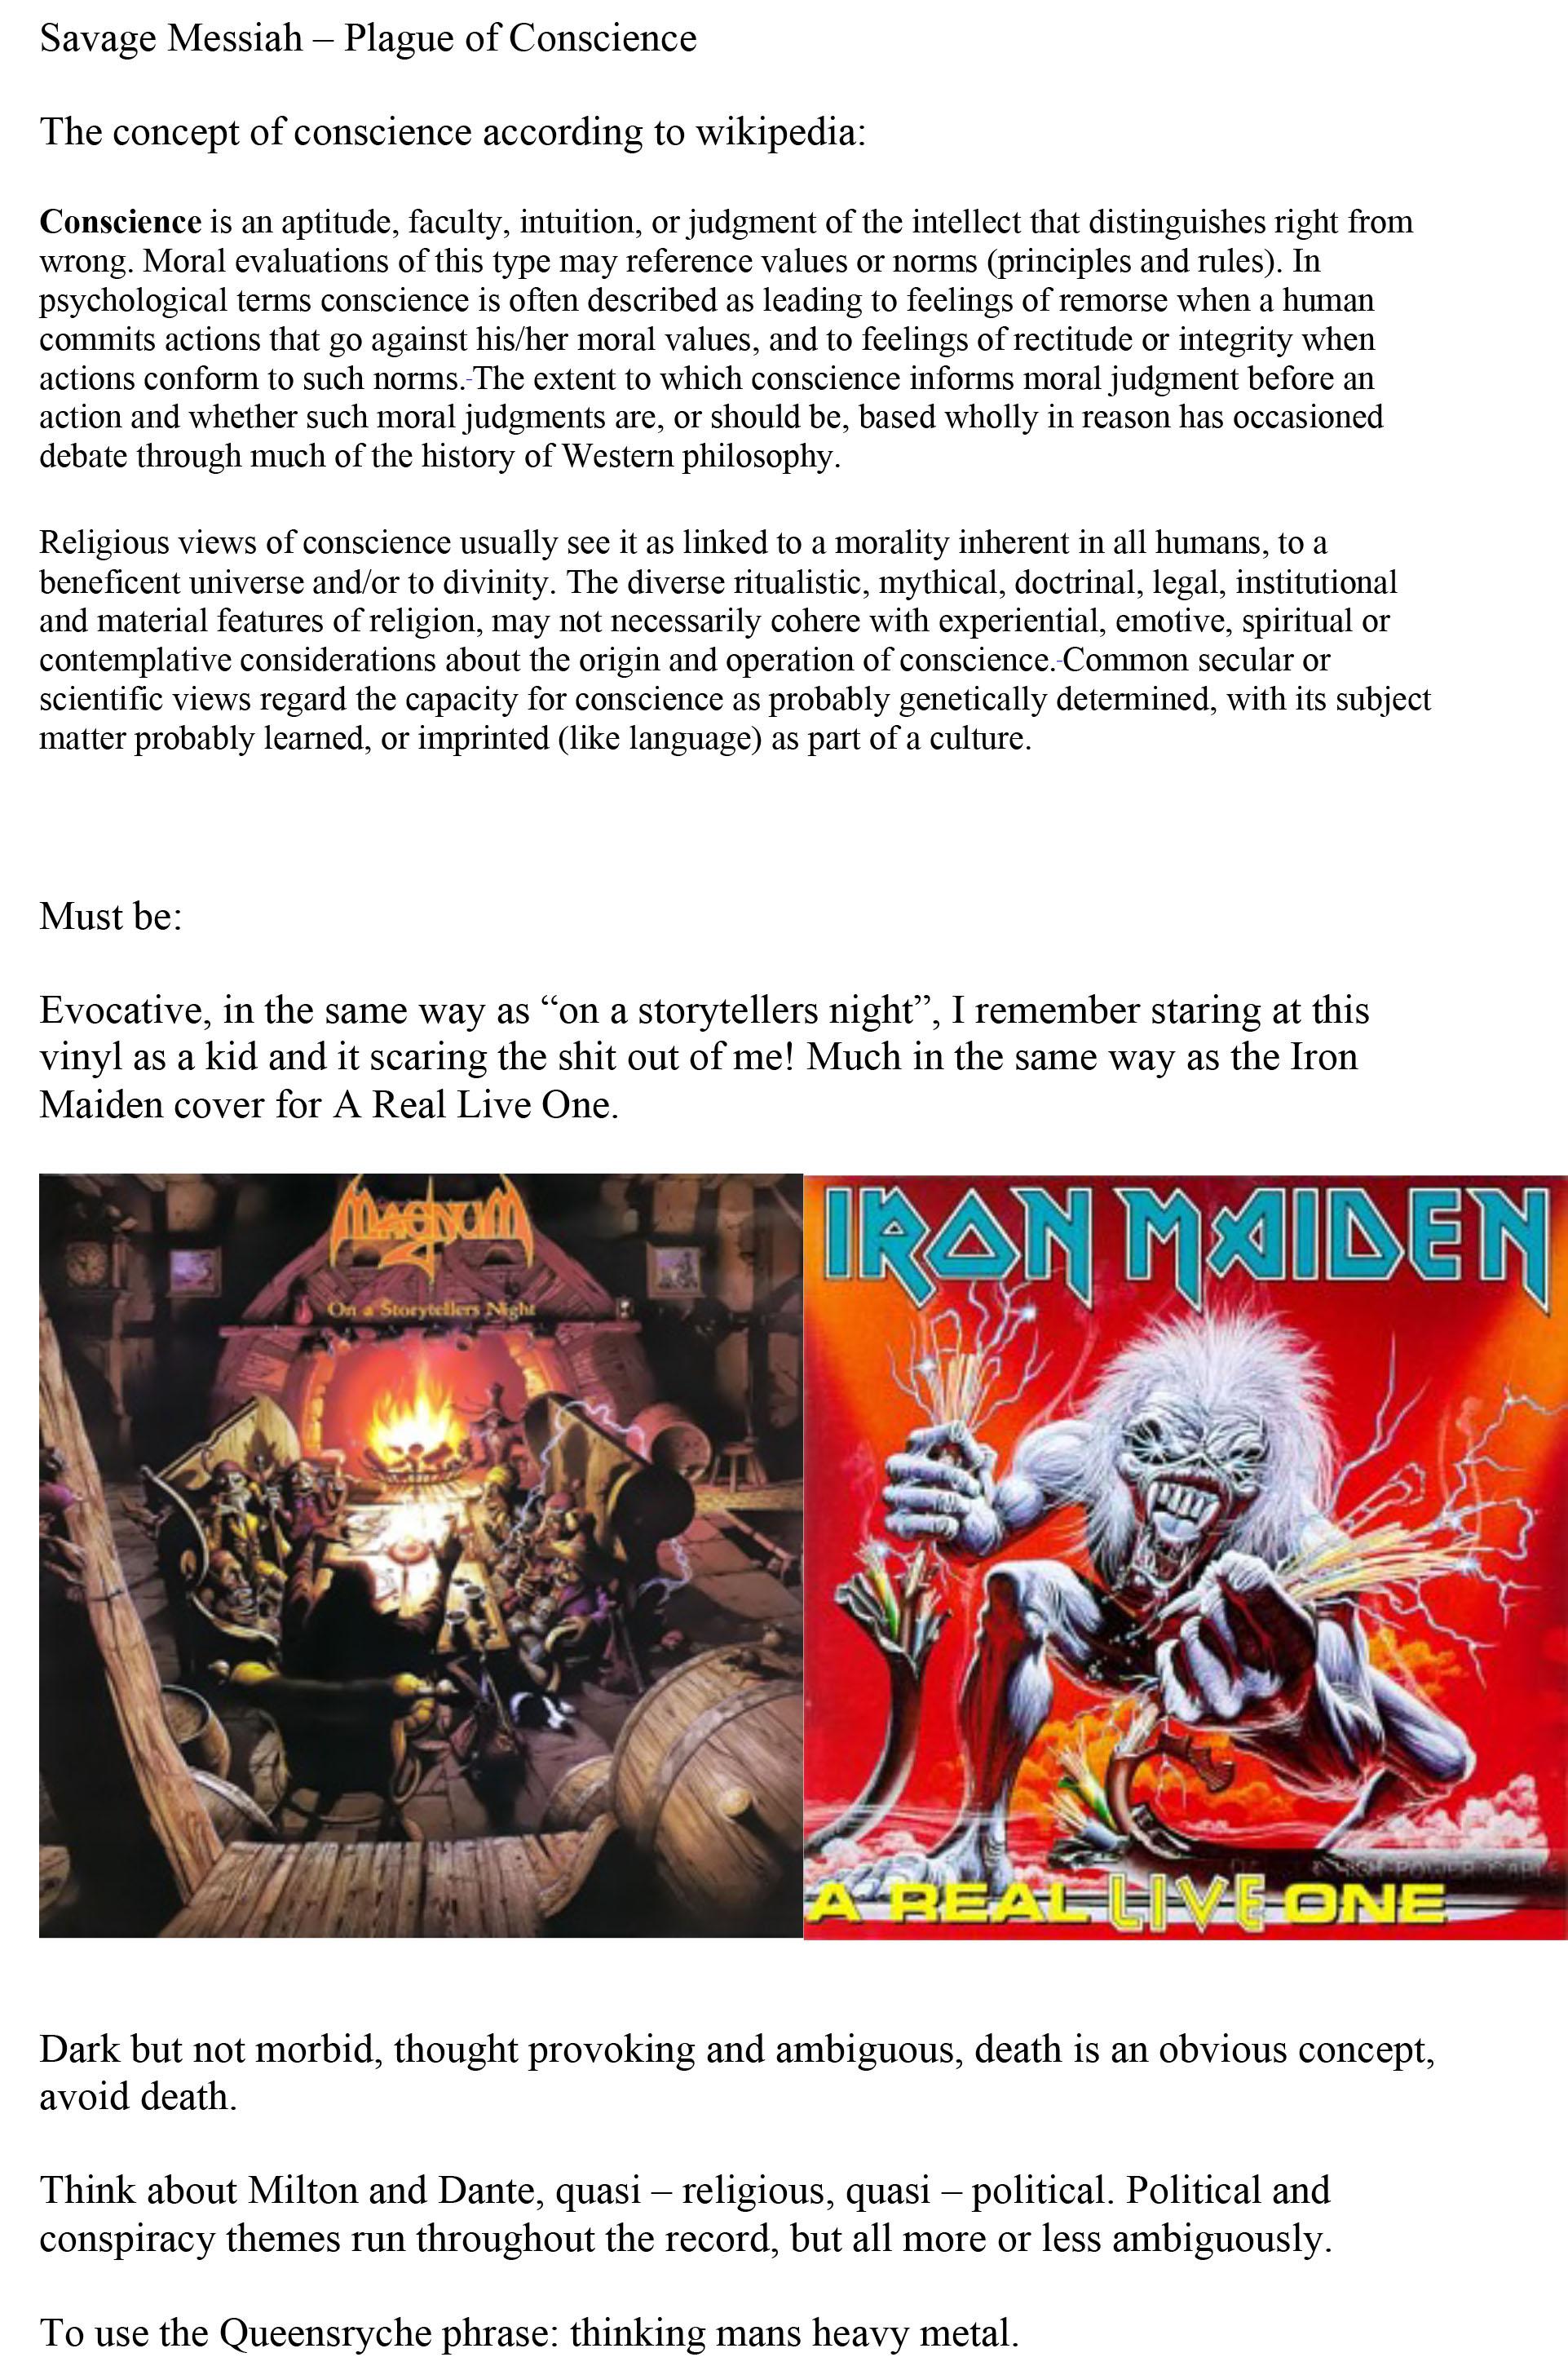 Savage Messiah - Artwork Brief-1.jpg